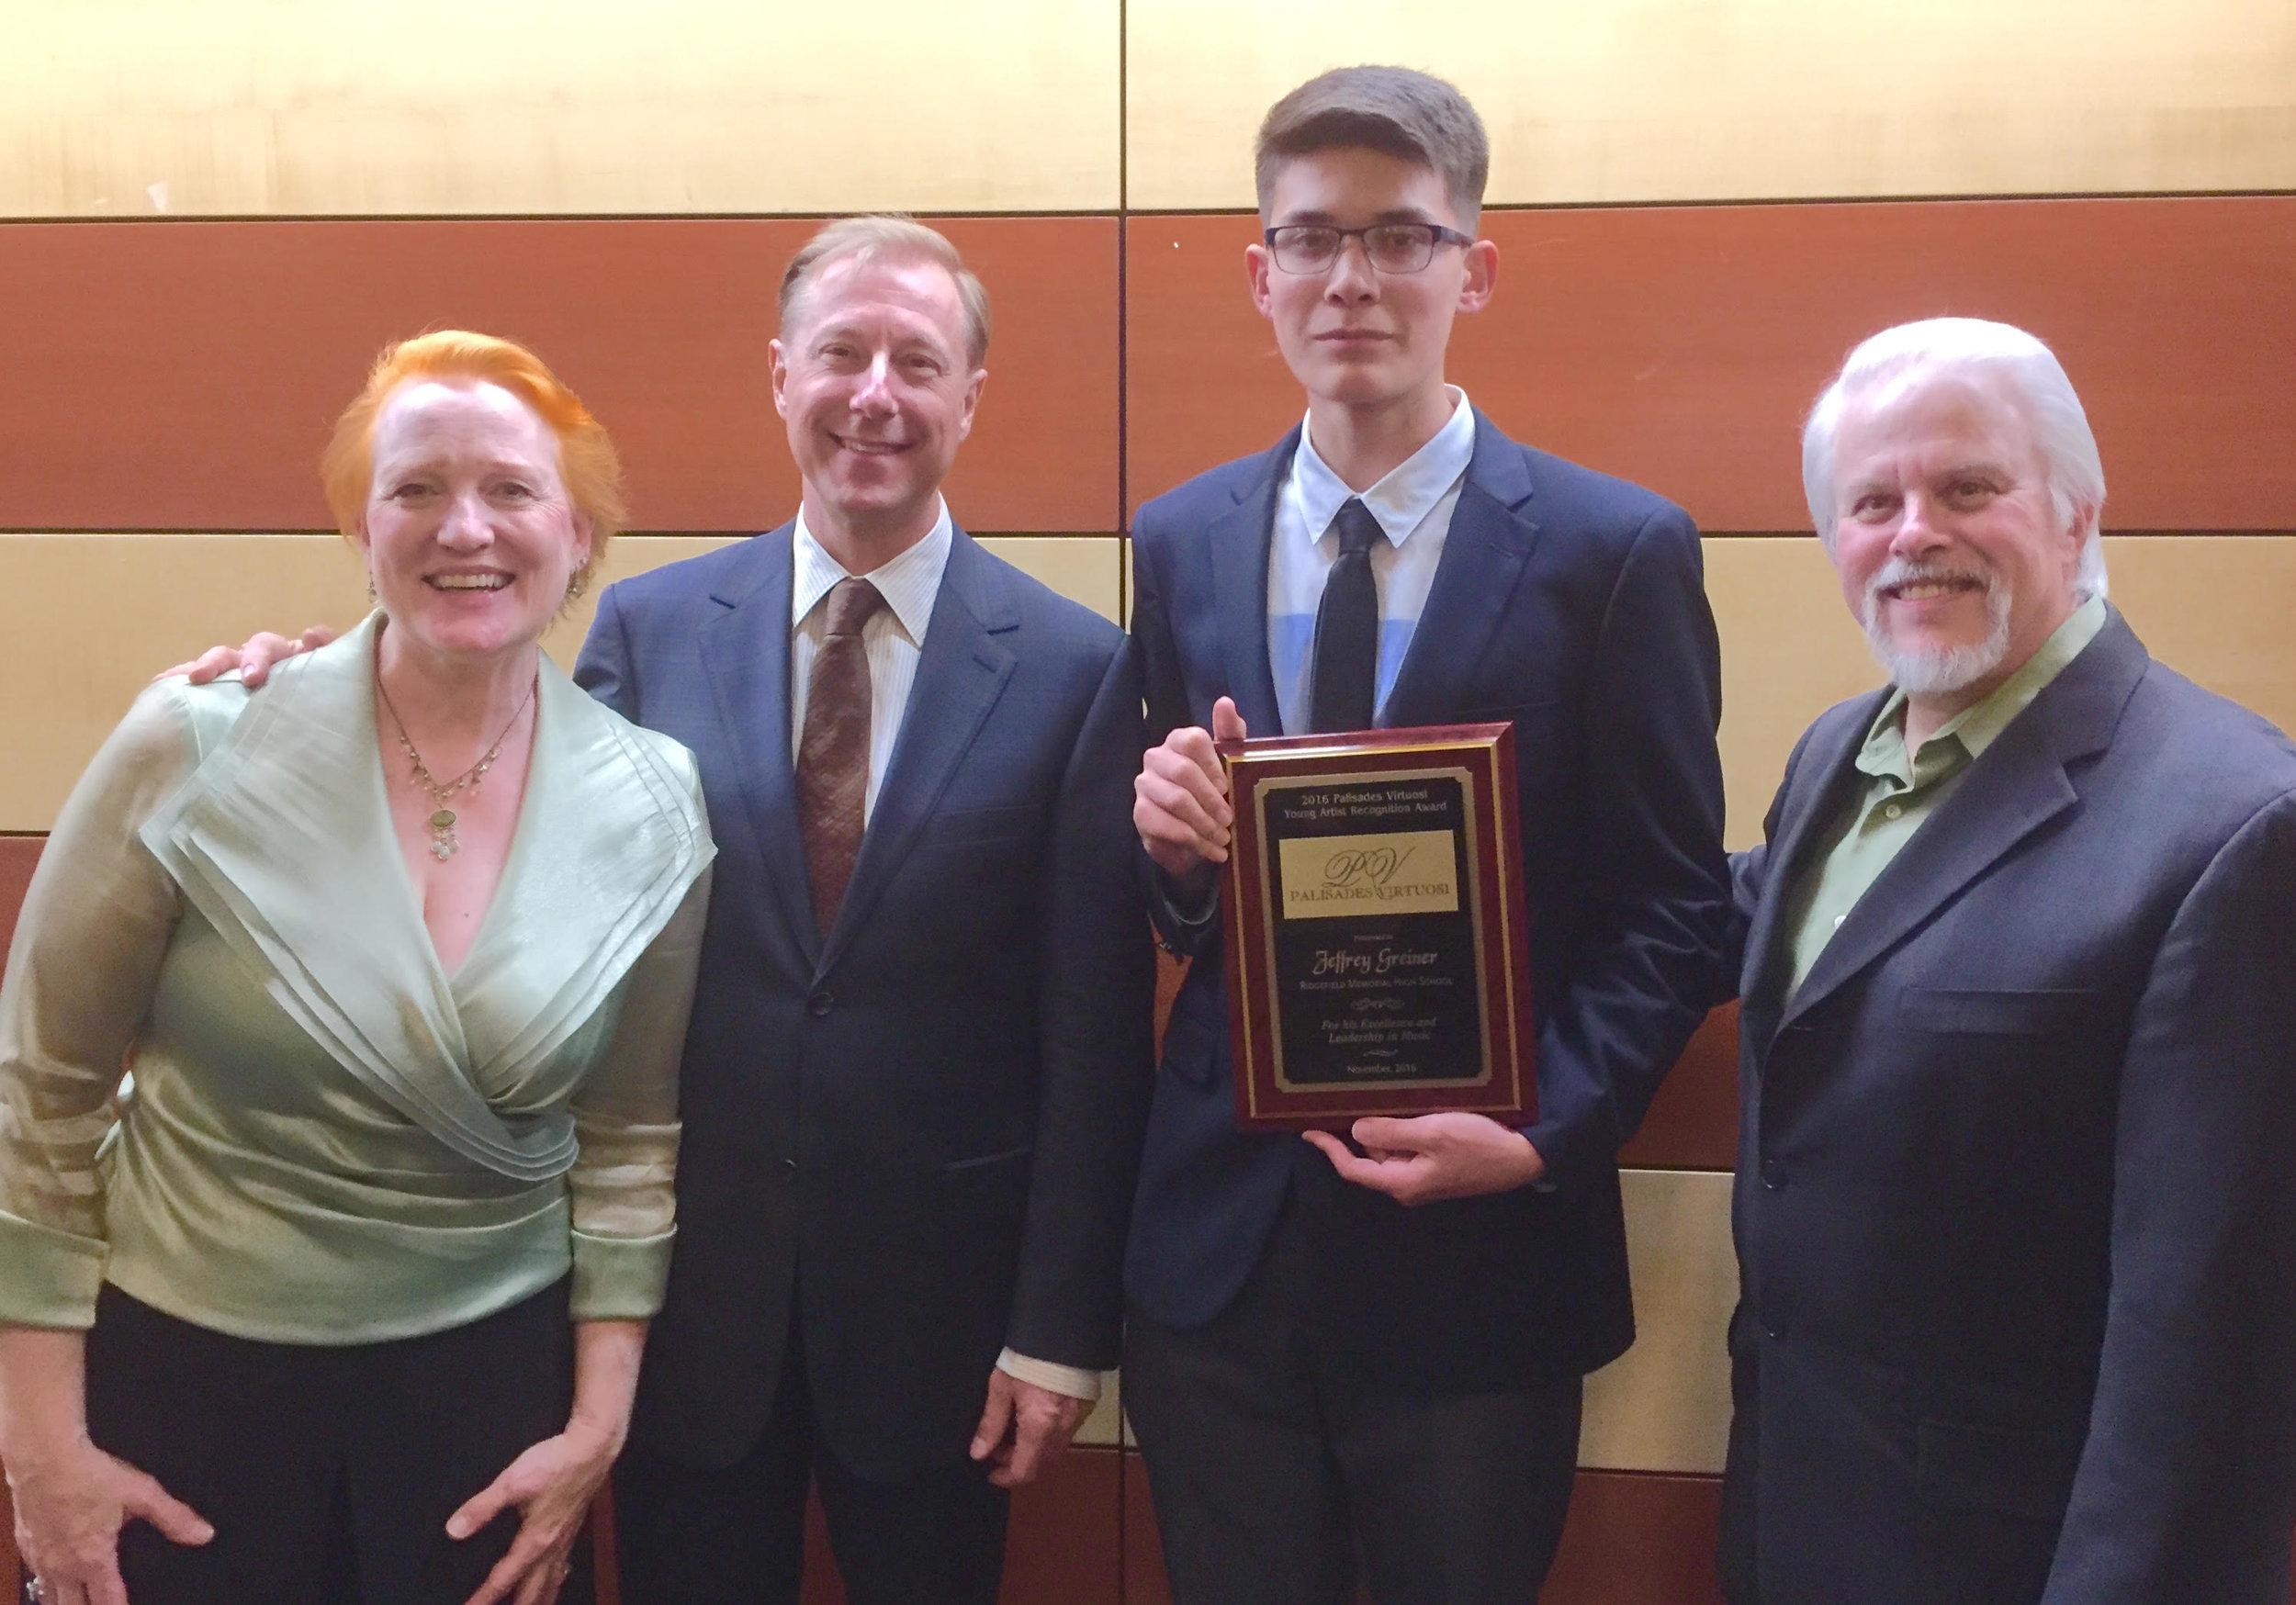 PV with 2016 Award winner, Jeffrey Grenier